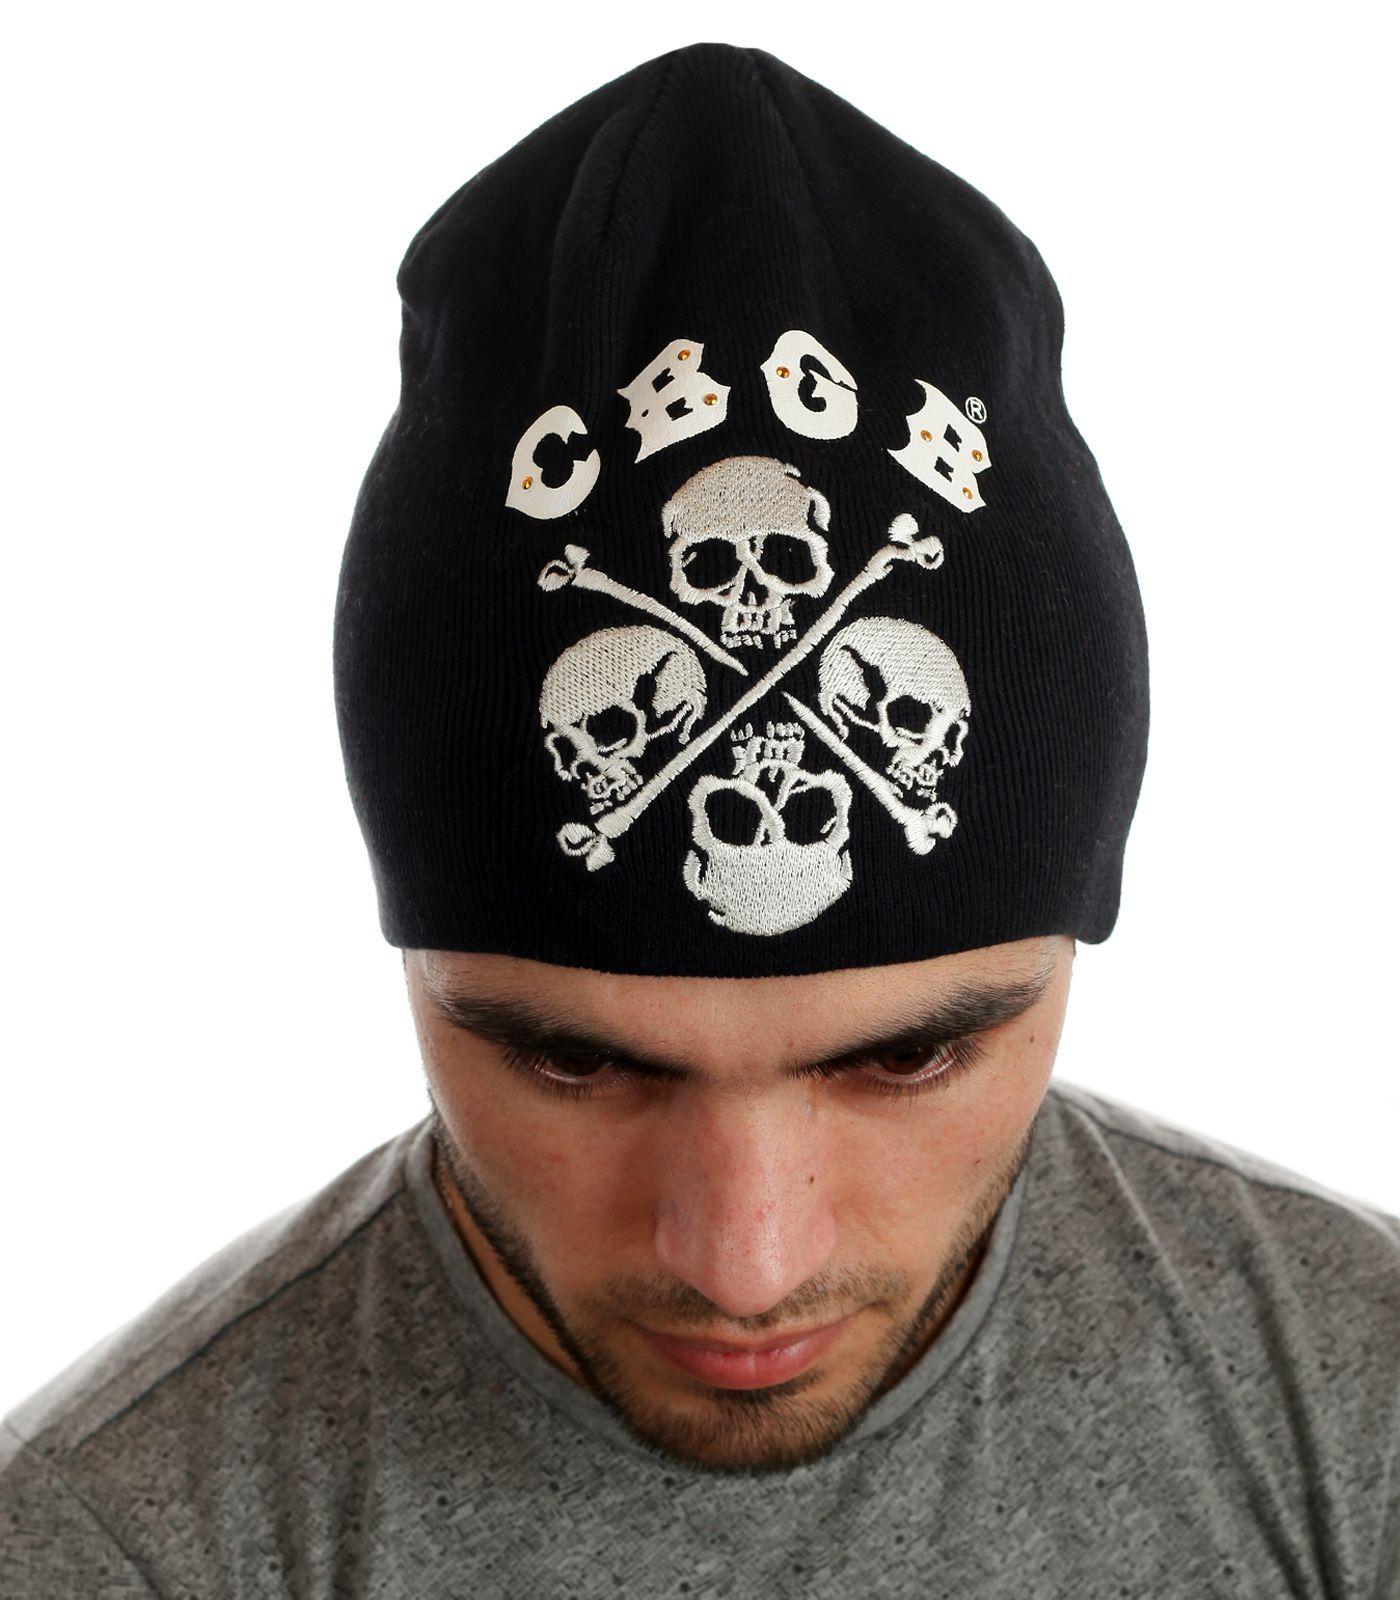 Купить крутую мужскую шапку с черепами онлайн